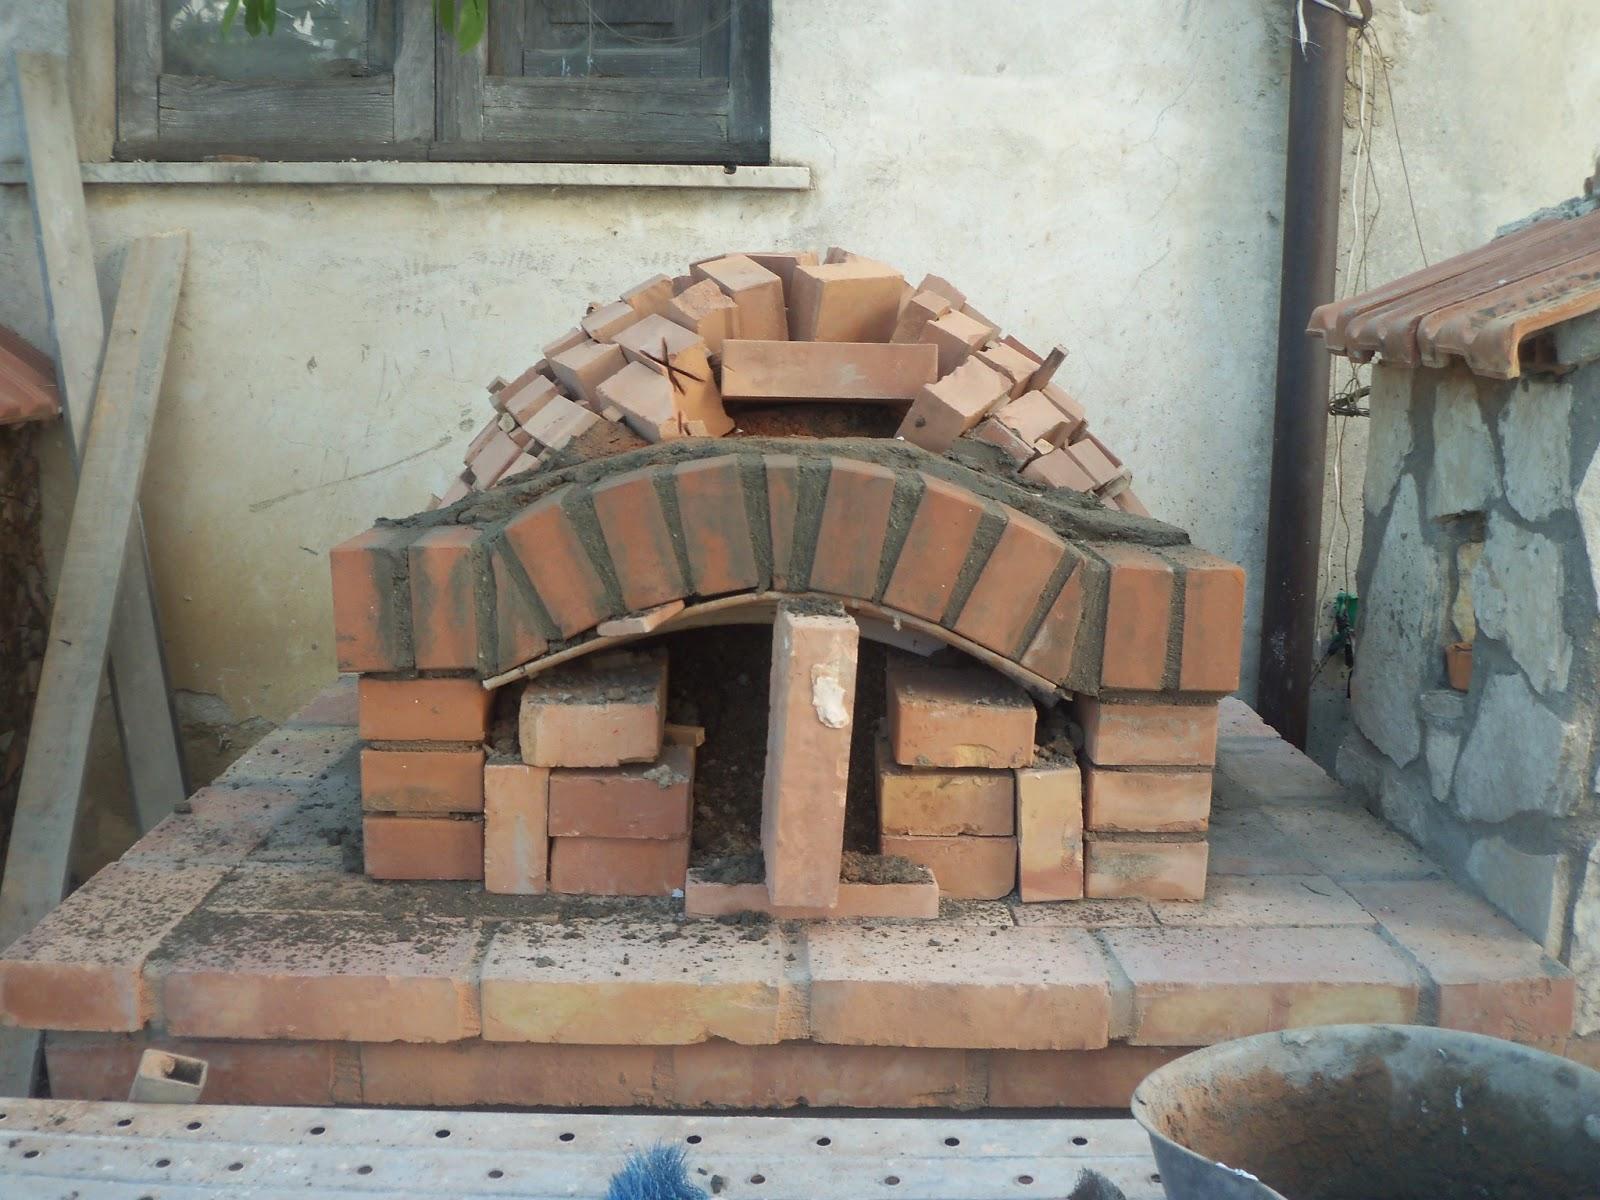 La cucina dello Stregone: Costruzione fai da te per un forno a legna